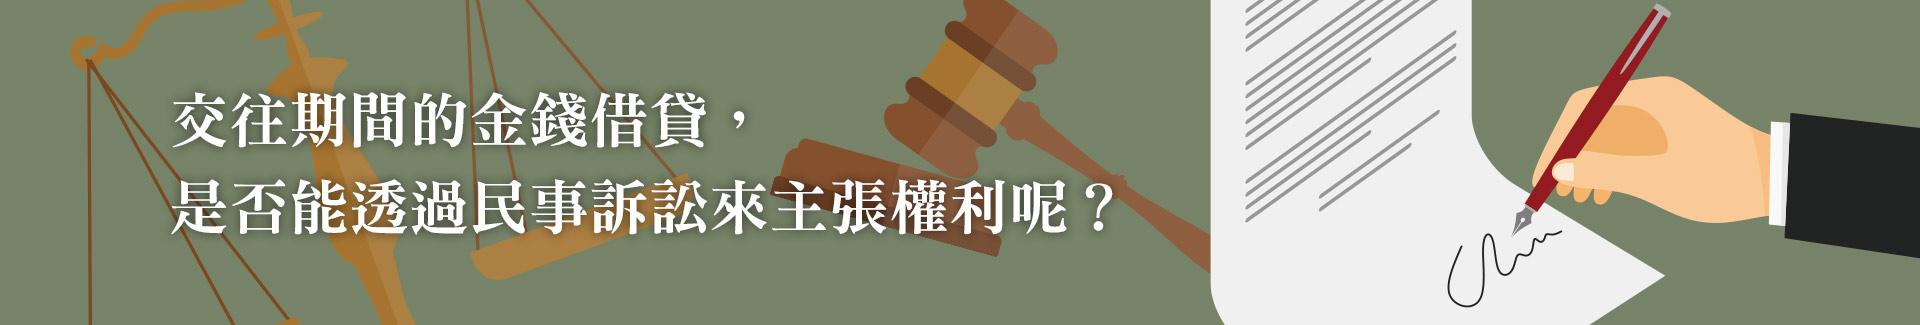 交往期間的金錢借貸,是否能透過民事訴訟來主張權利呢?